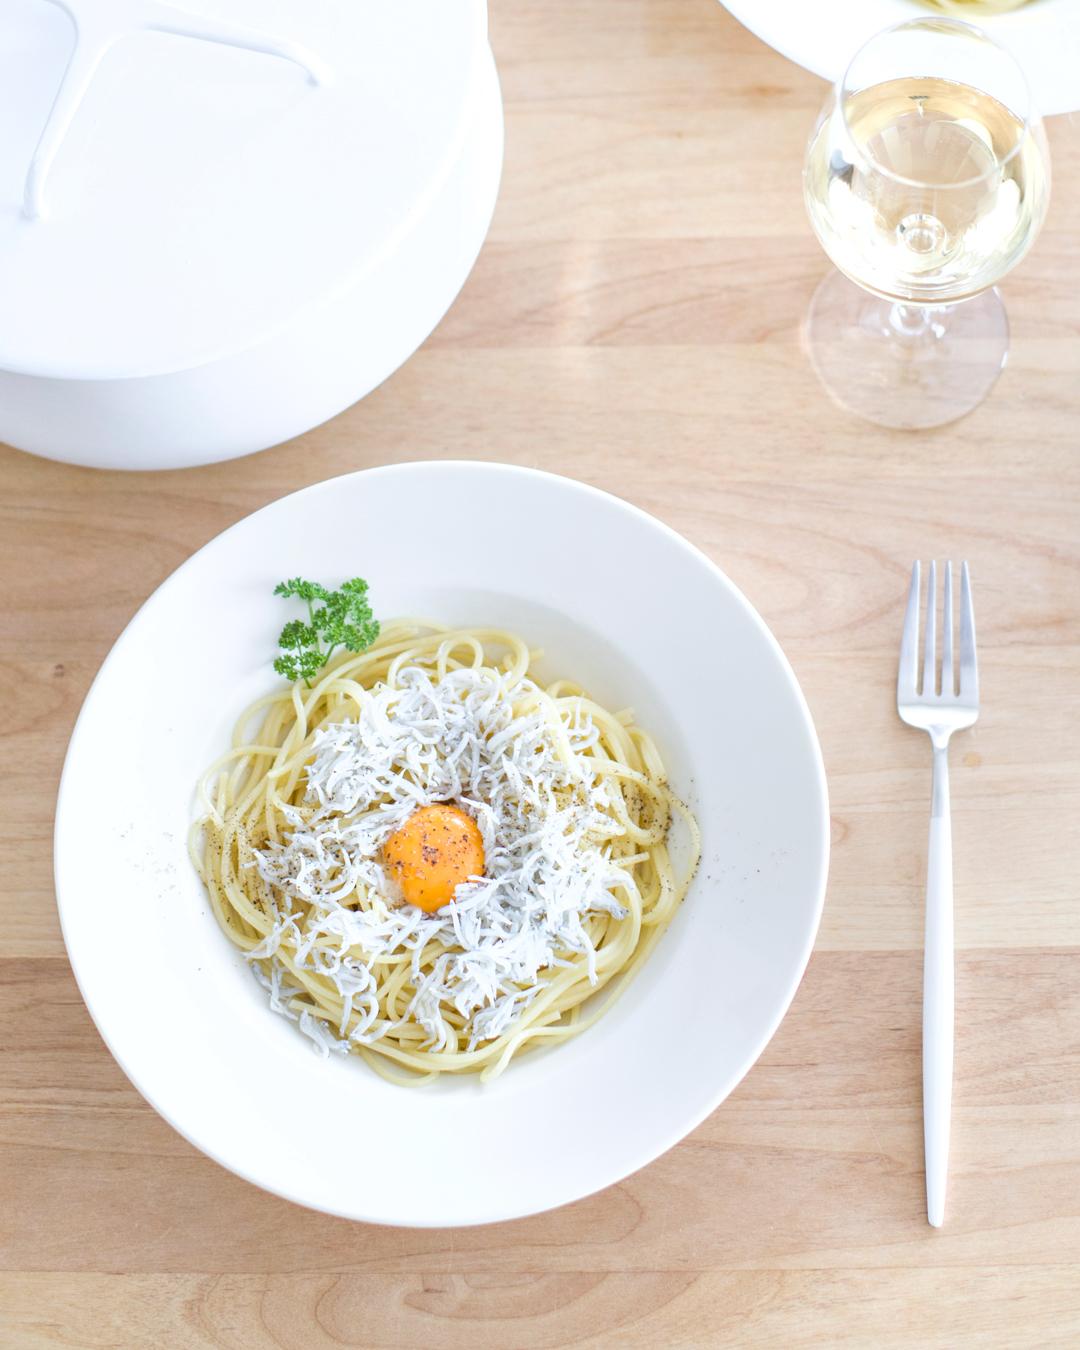 『しらすと卵のスパゲティ』